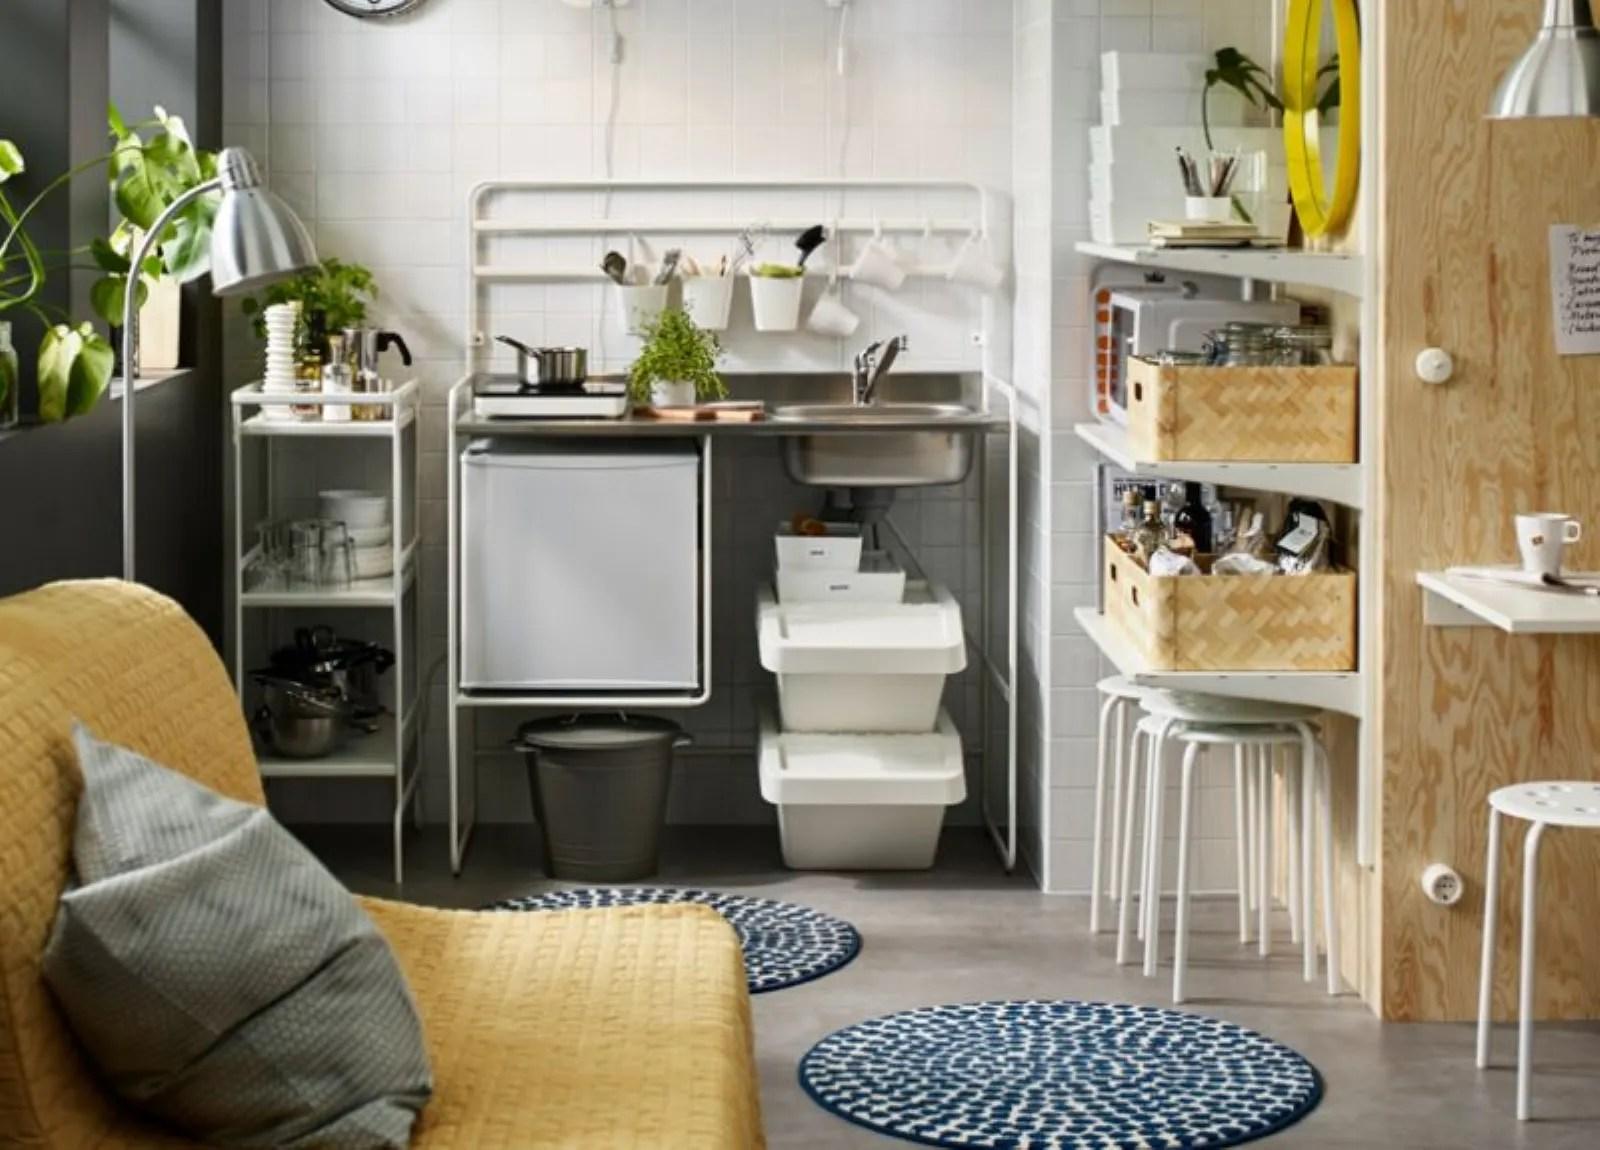 Cucine Monoblocco Ikea Tutte Le Informazioni